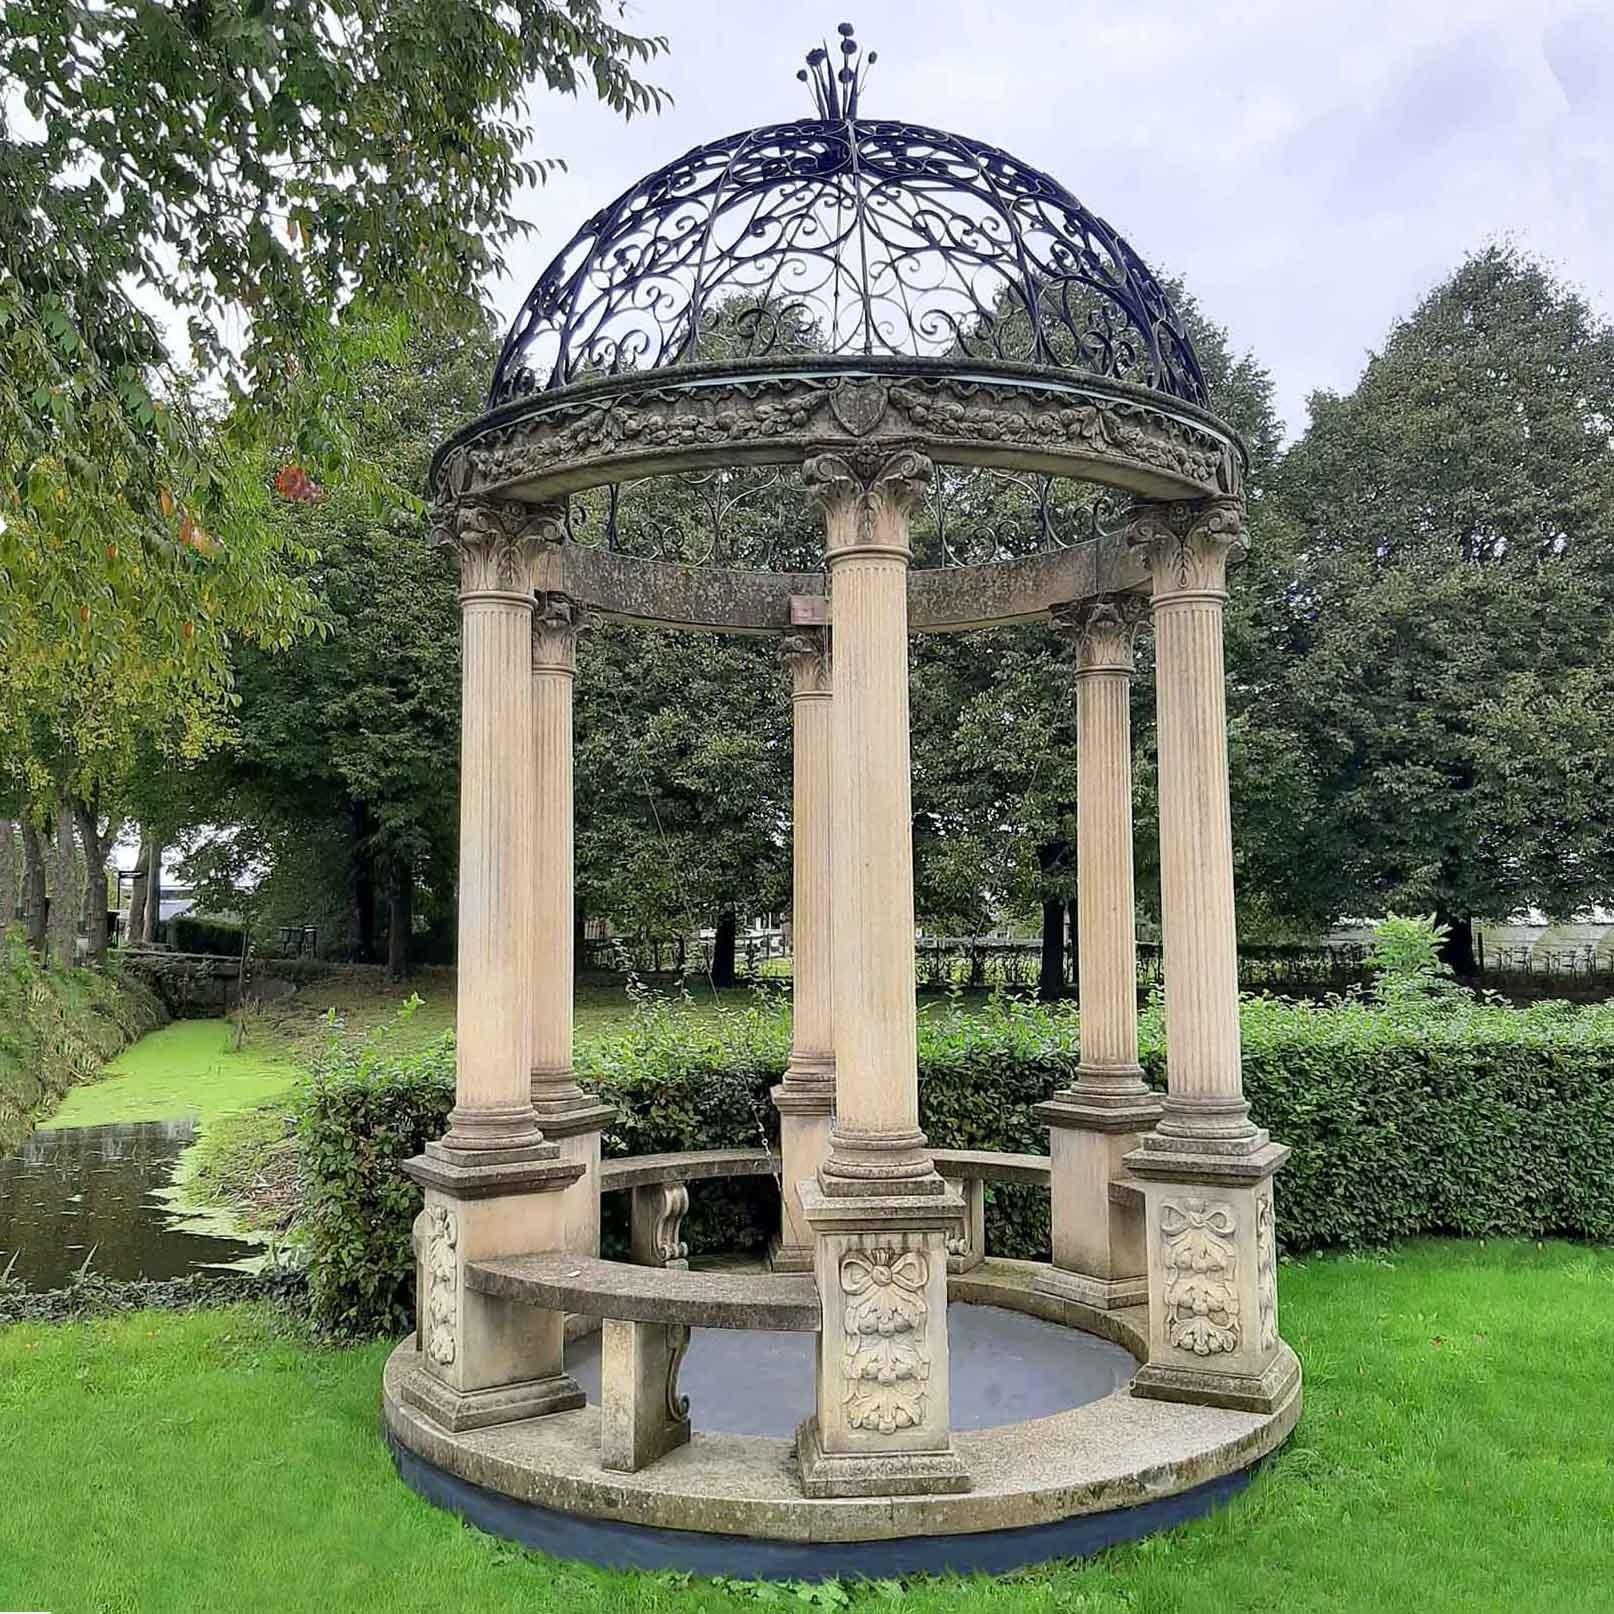 Gebeeldhouwde Rotonda of Garden Gloriette in klassieke stijl met een smeedijzeren koepel